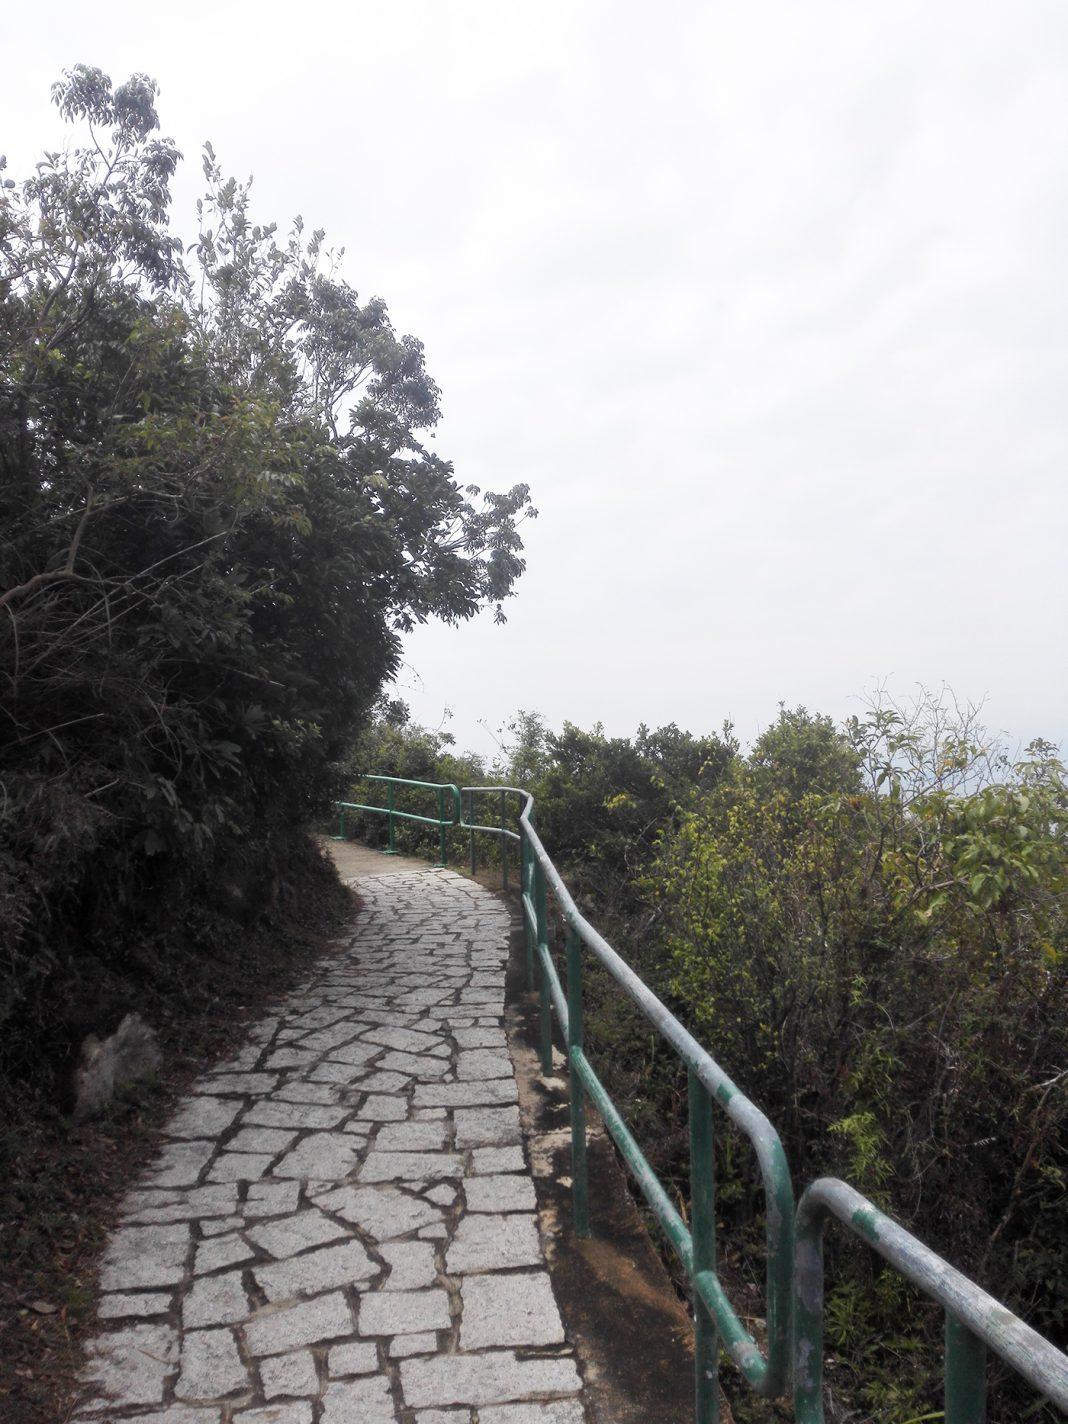 De weg naar het mooie uitzichtpunt - Lamma Island